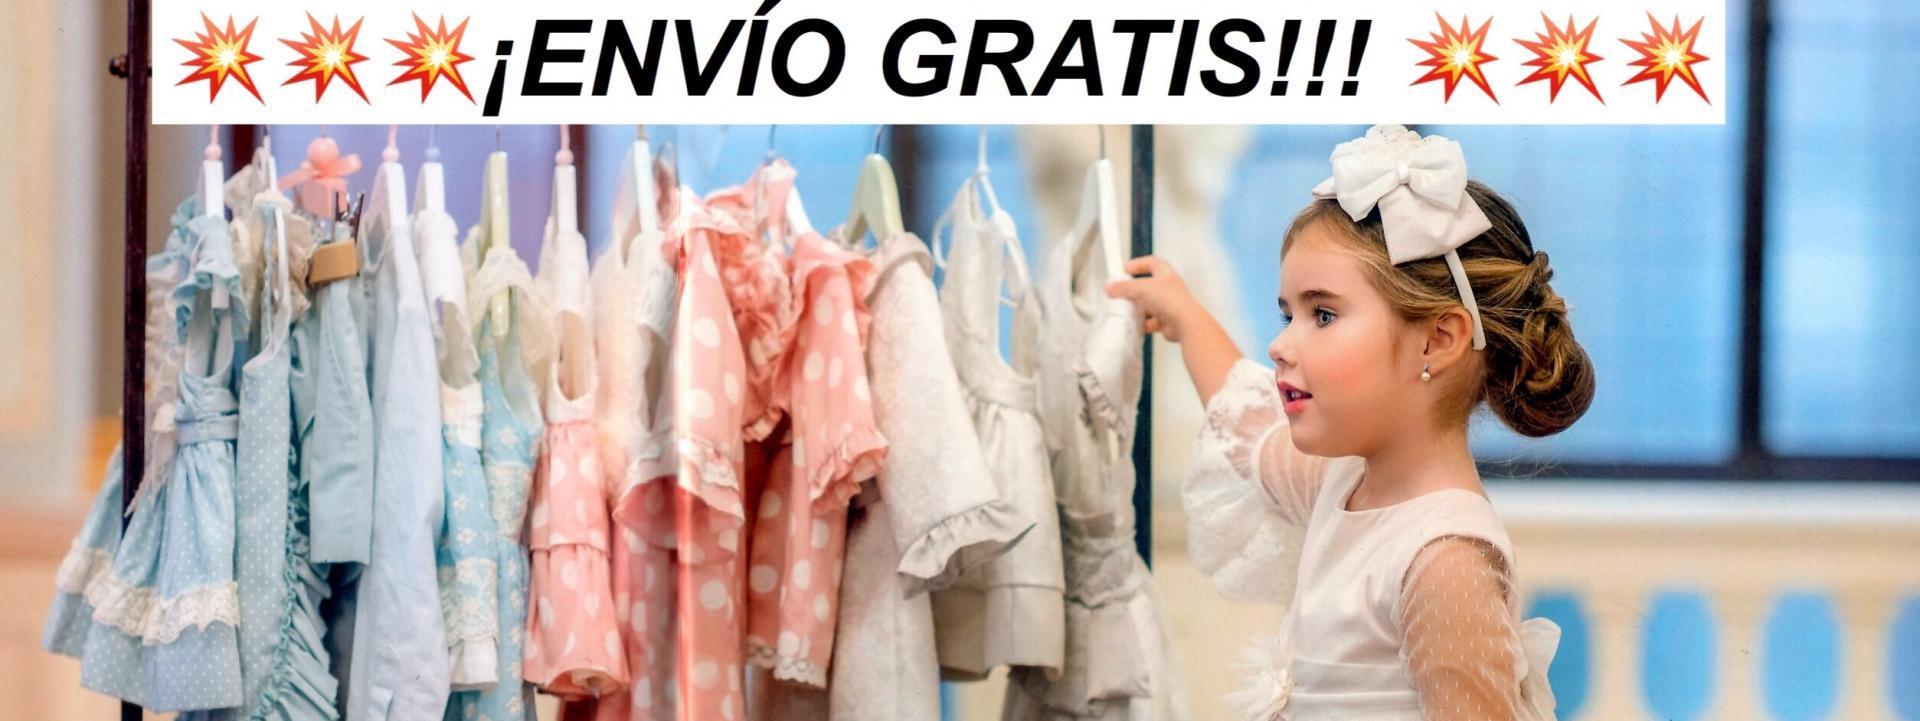 Estrena Vestido.... ¡y con ENVÍO GRATIS!!!